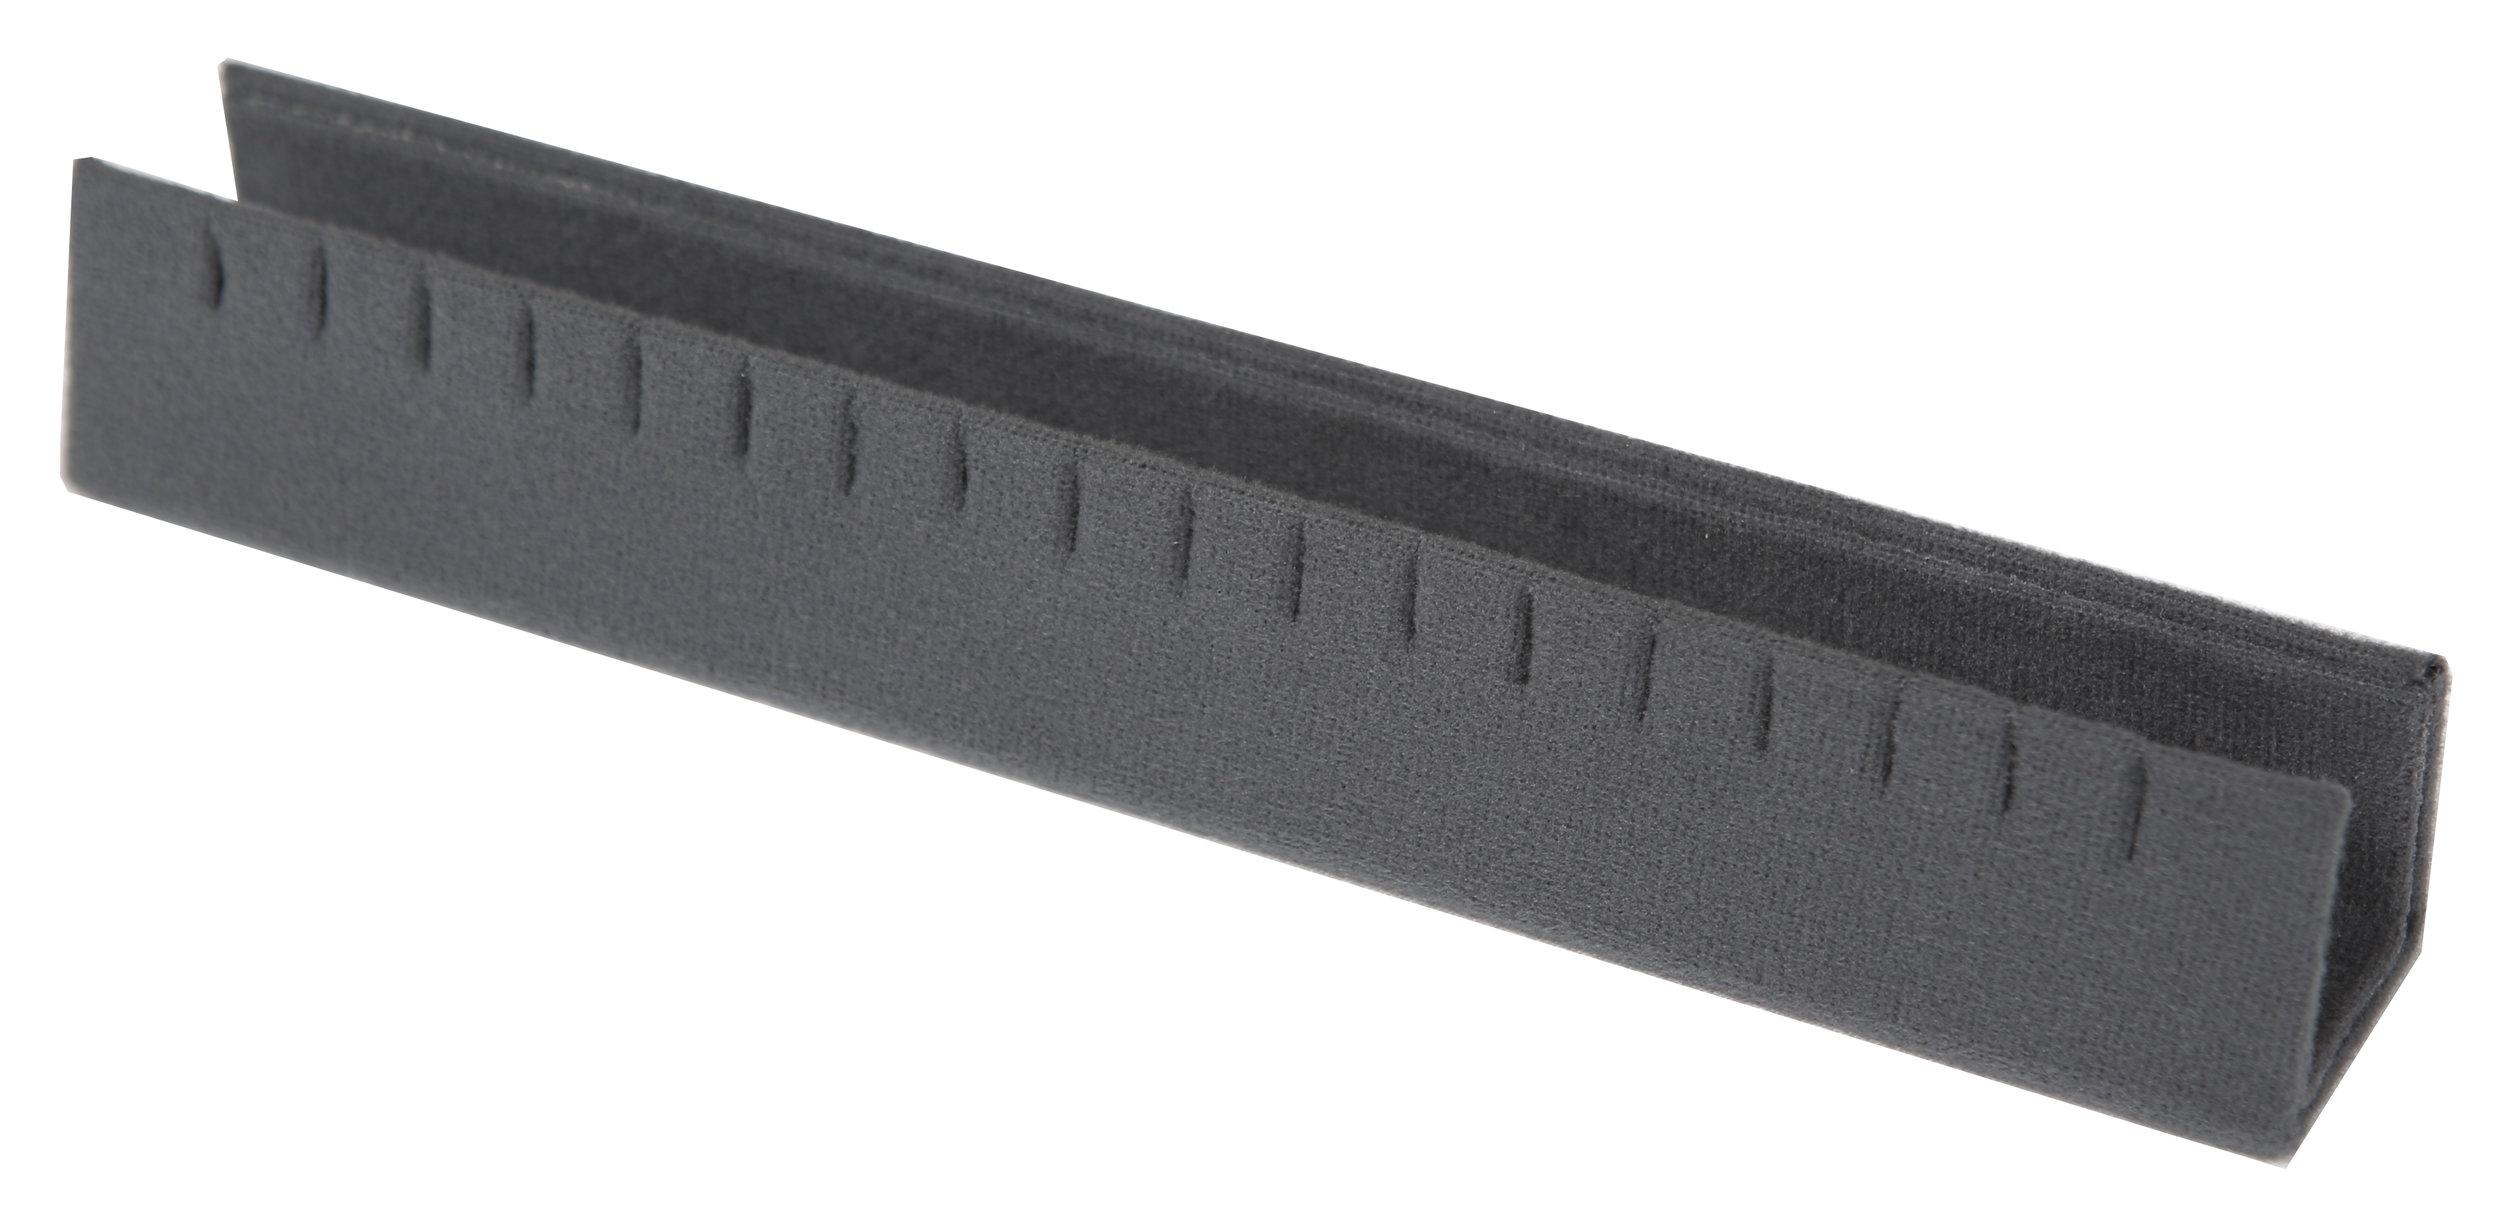 $19 - 200mm Width